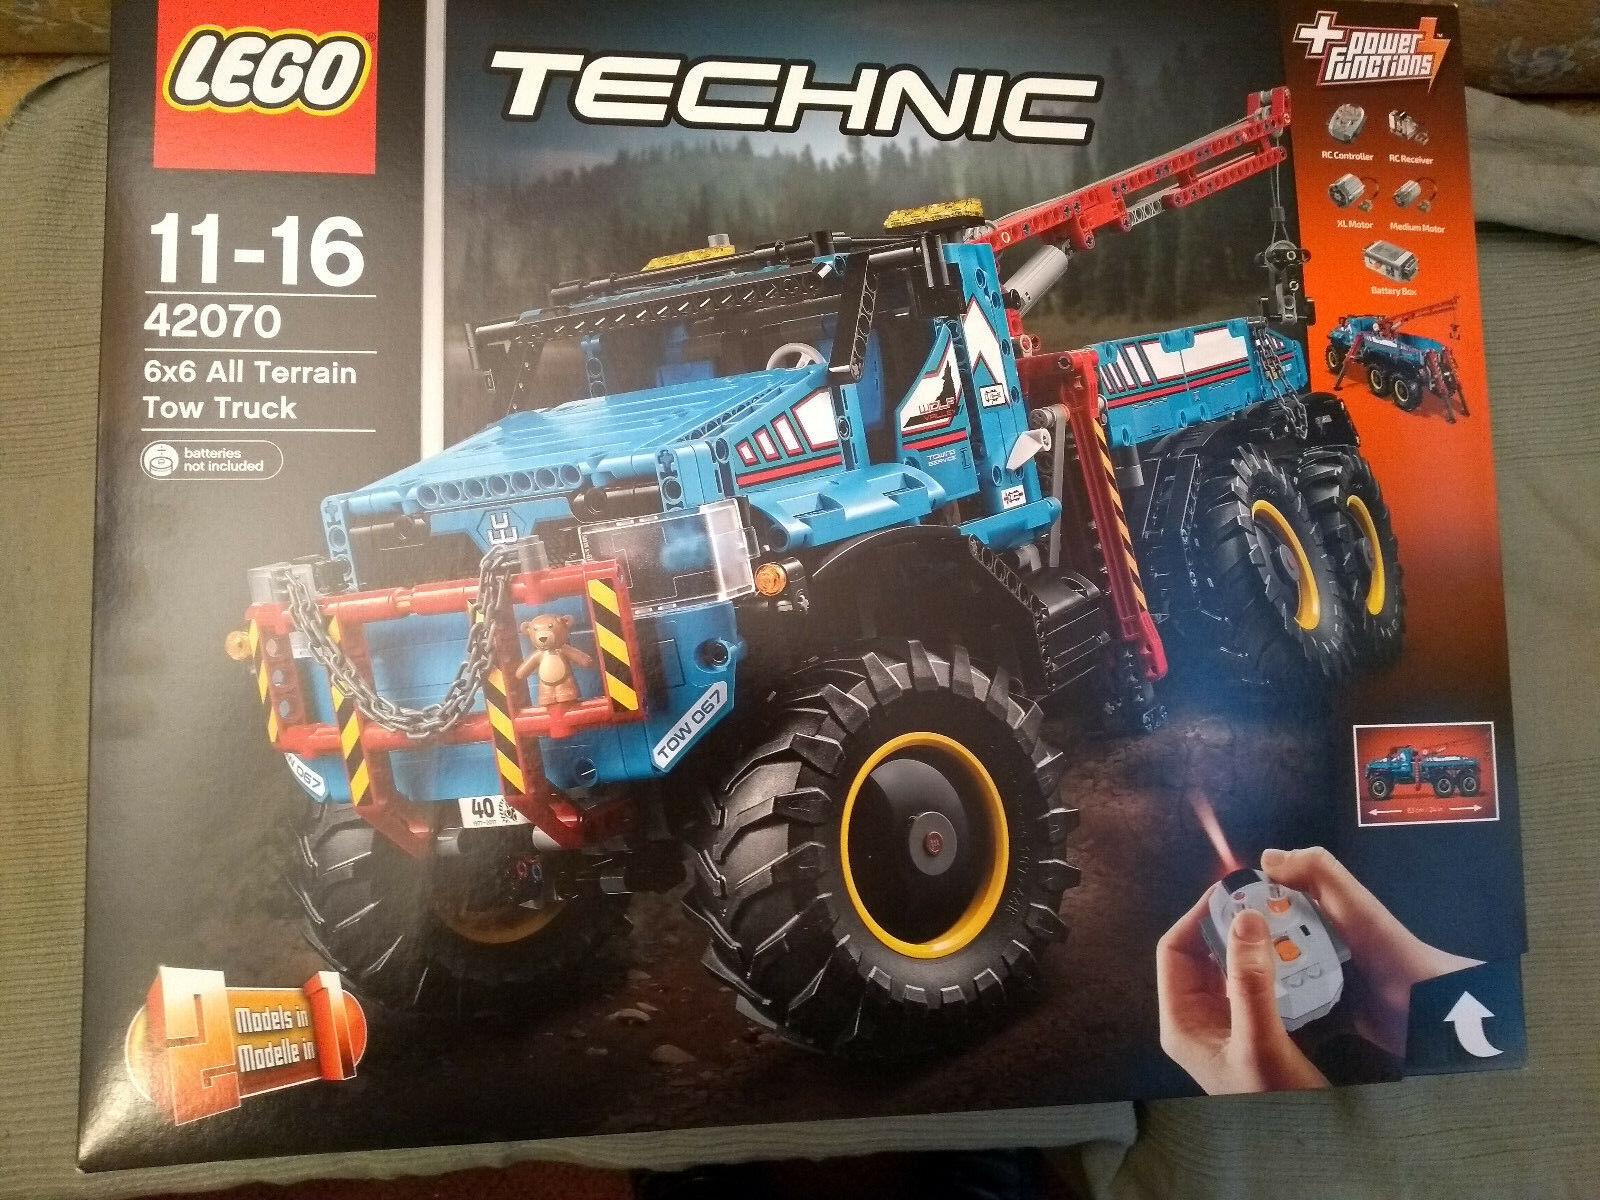 LEGO TECHNIC 6x6 TOUT TERRAIN dépanneuse 42070 & boîte vide & marron Chargeur